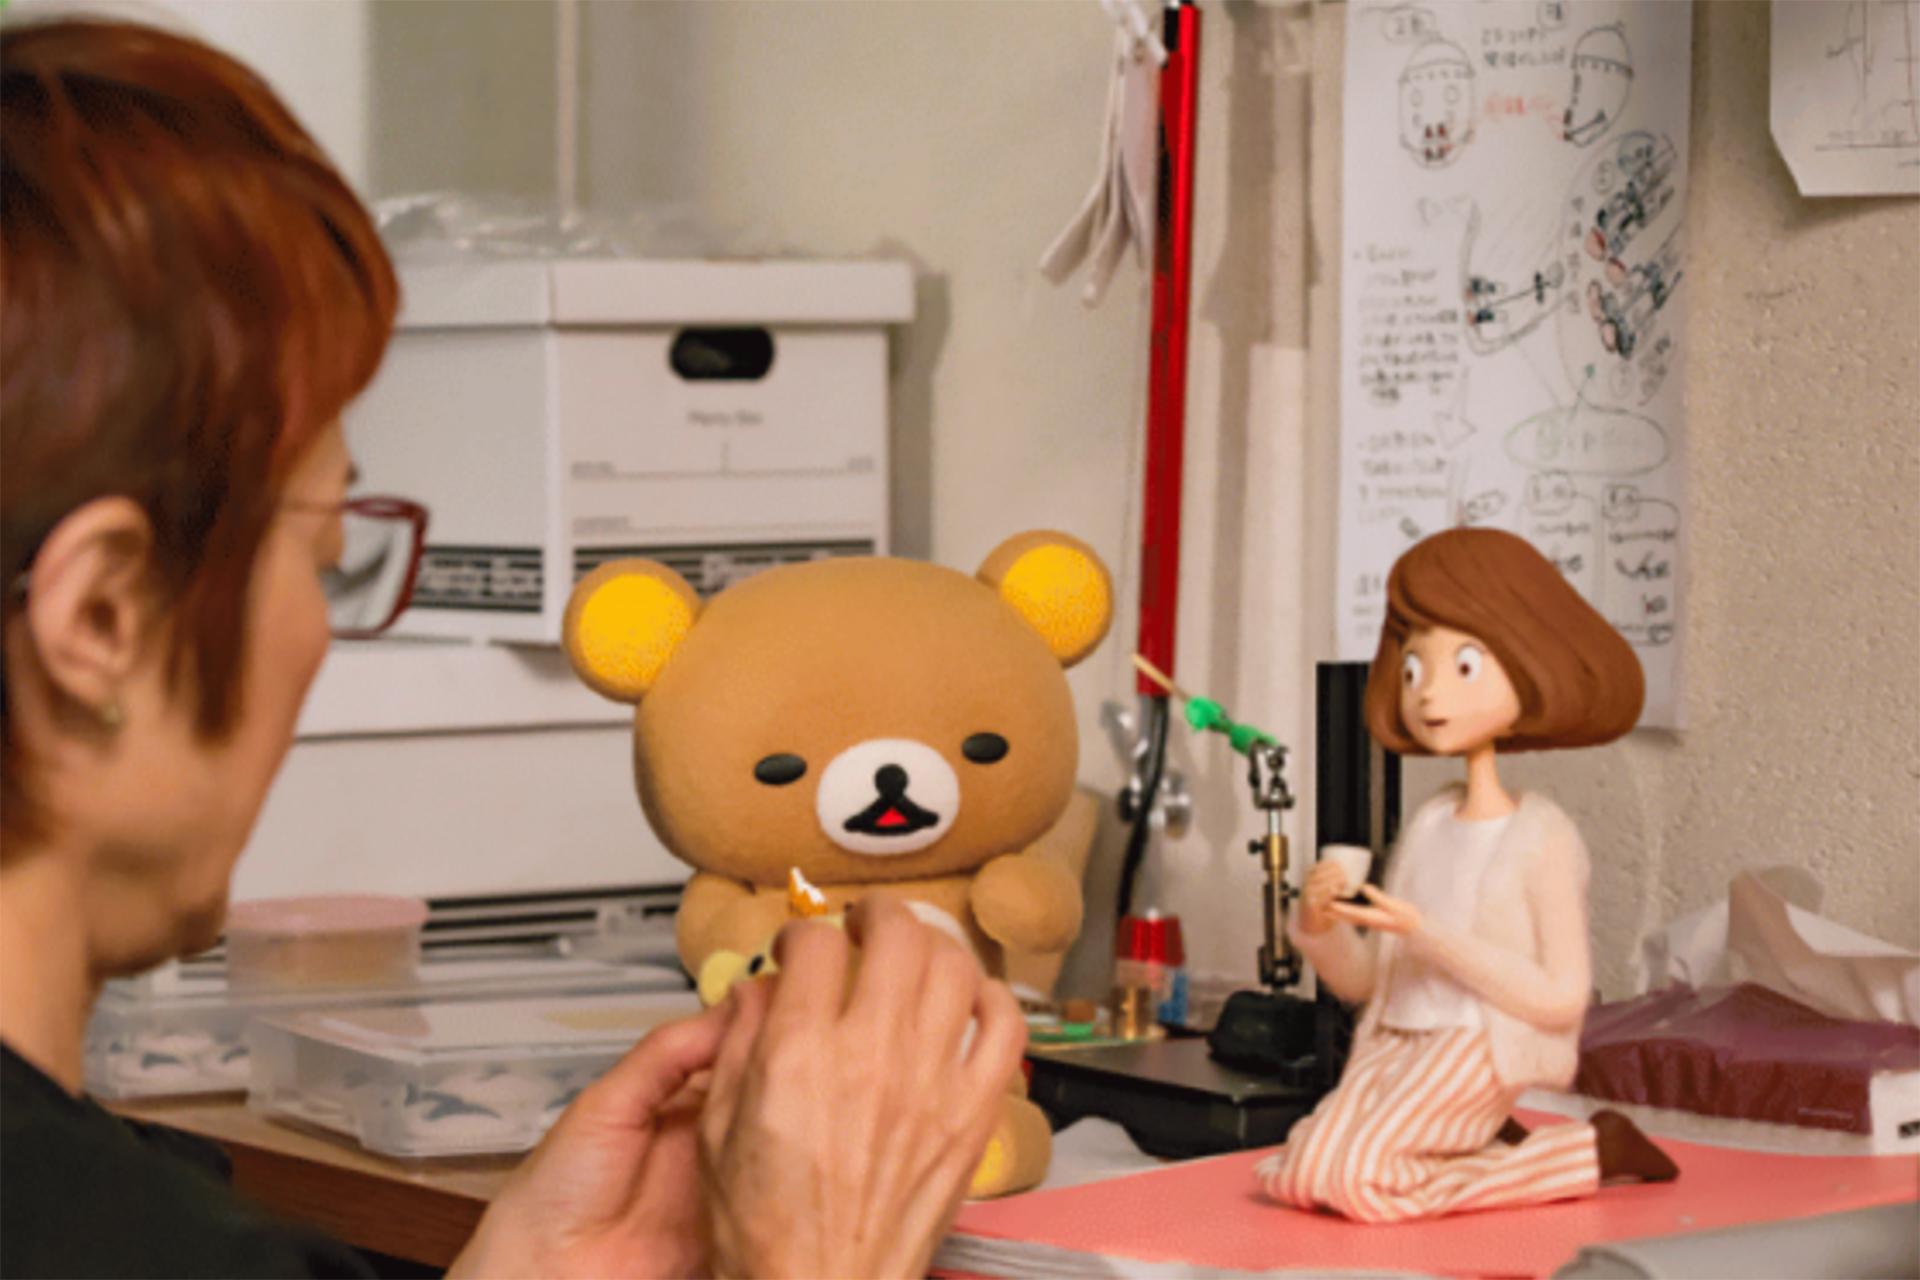 この写真はリラックマとカオルさん展のアニメのワンシーン